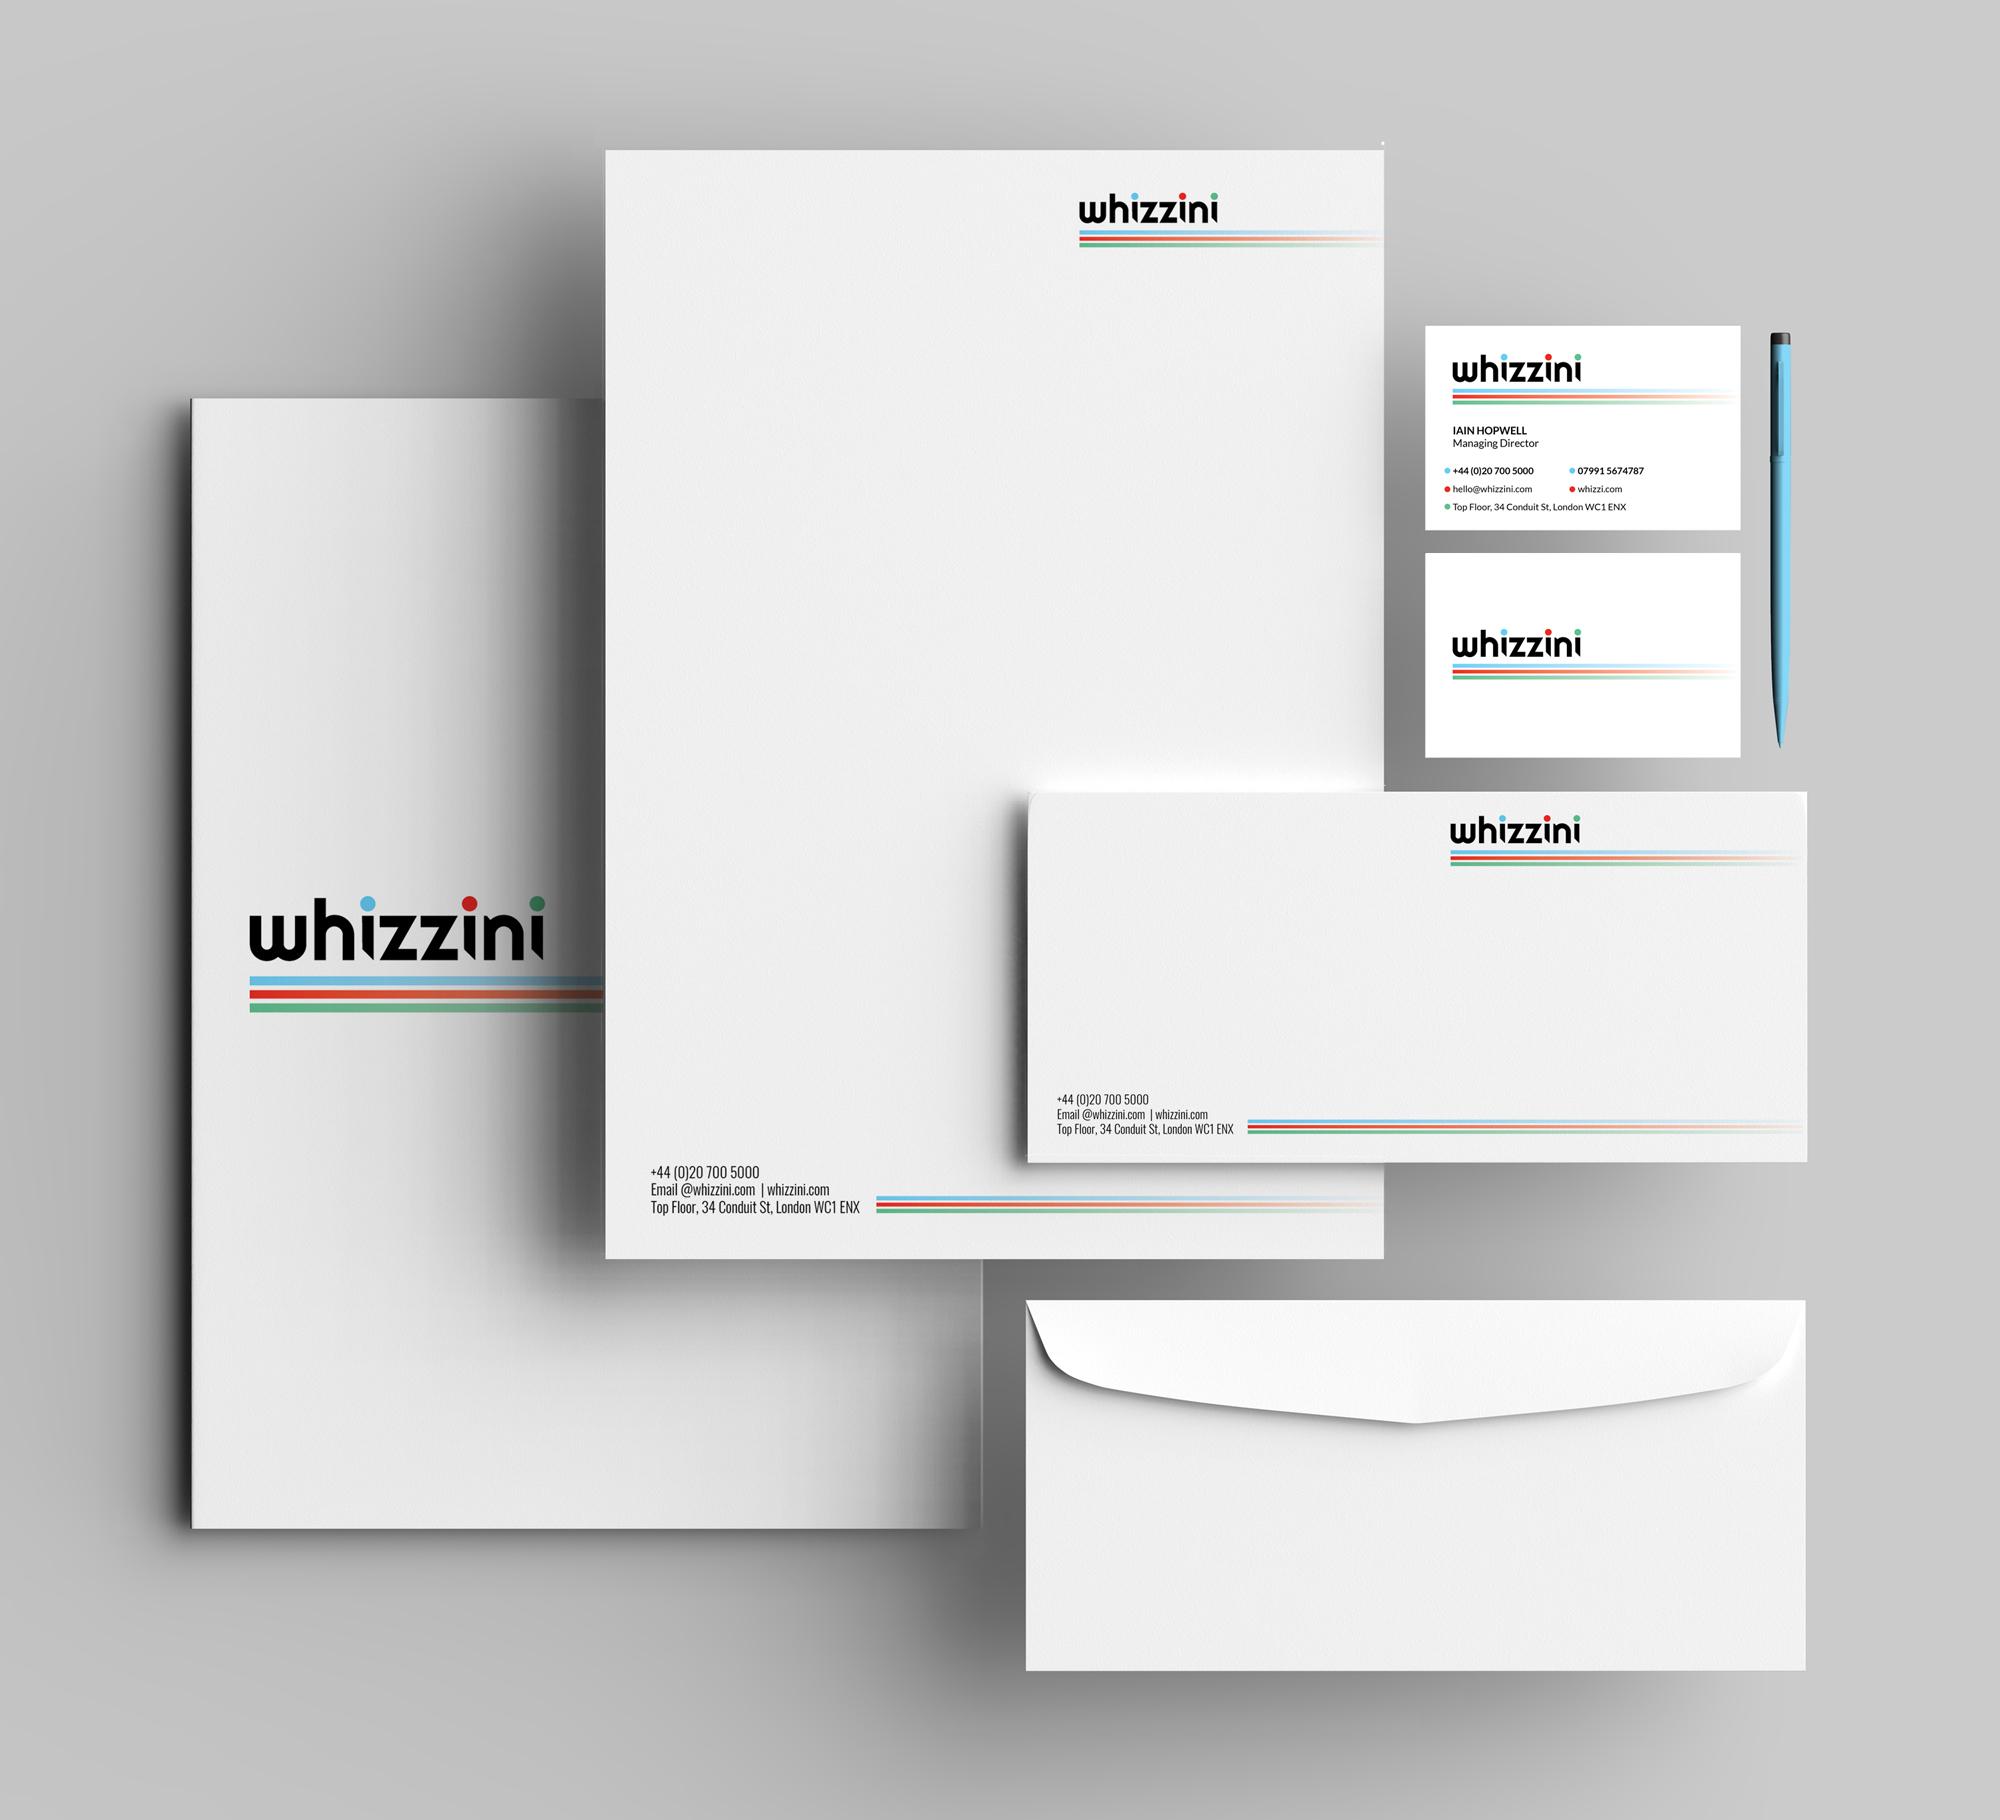 whizzini_stationery